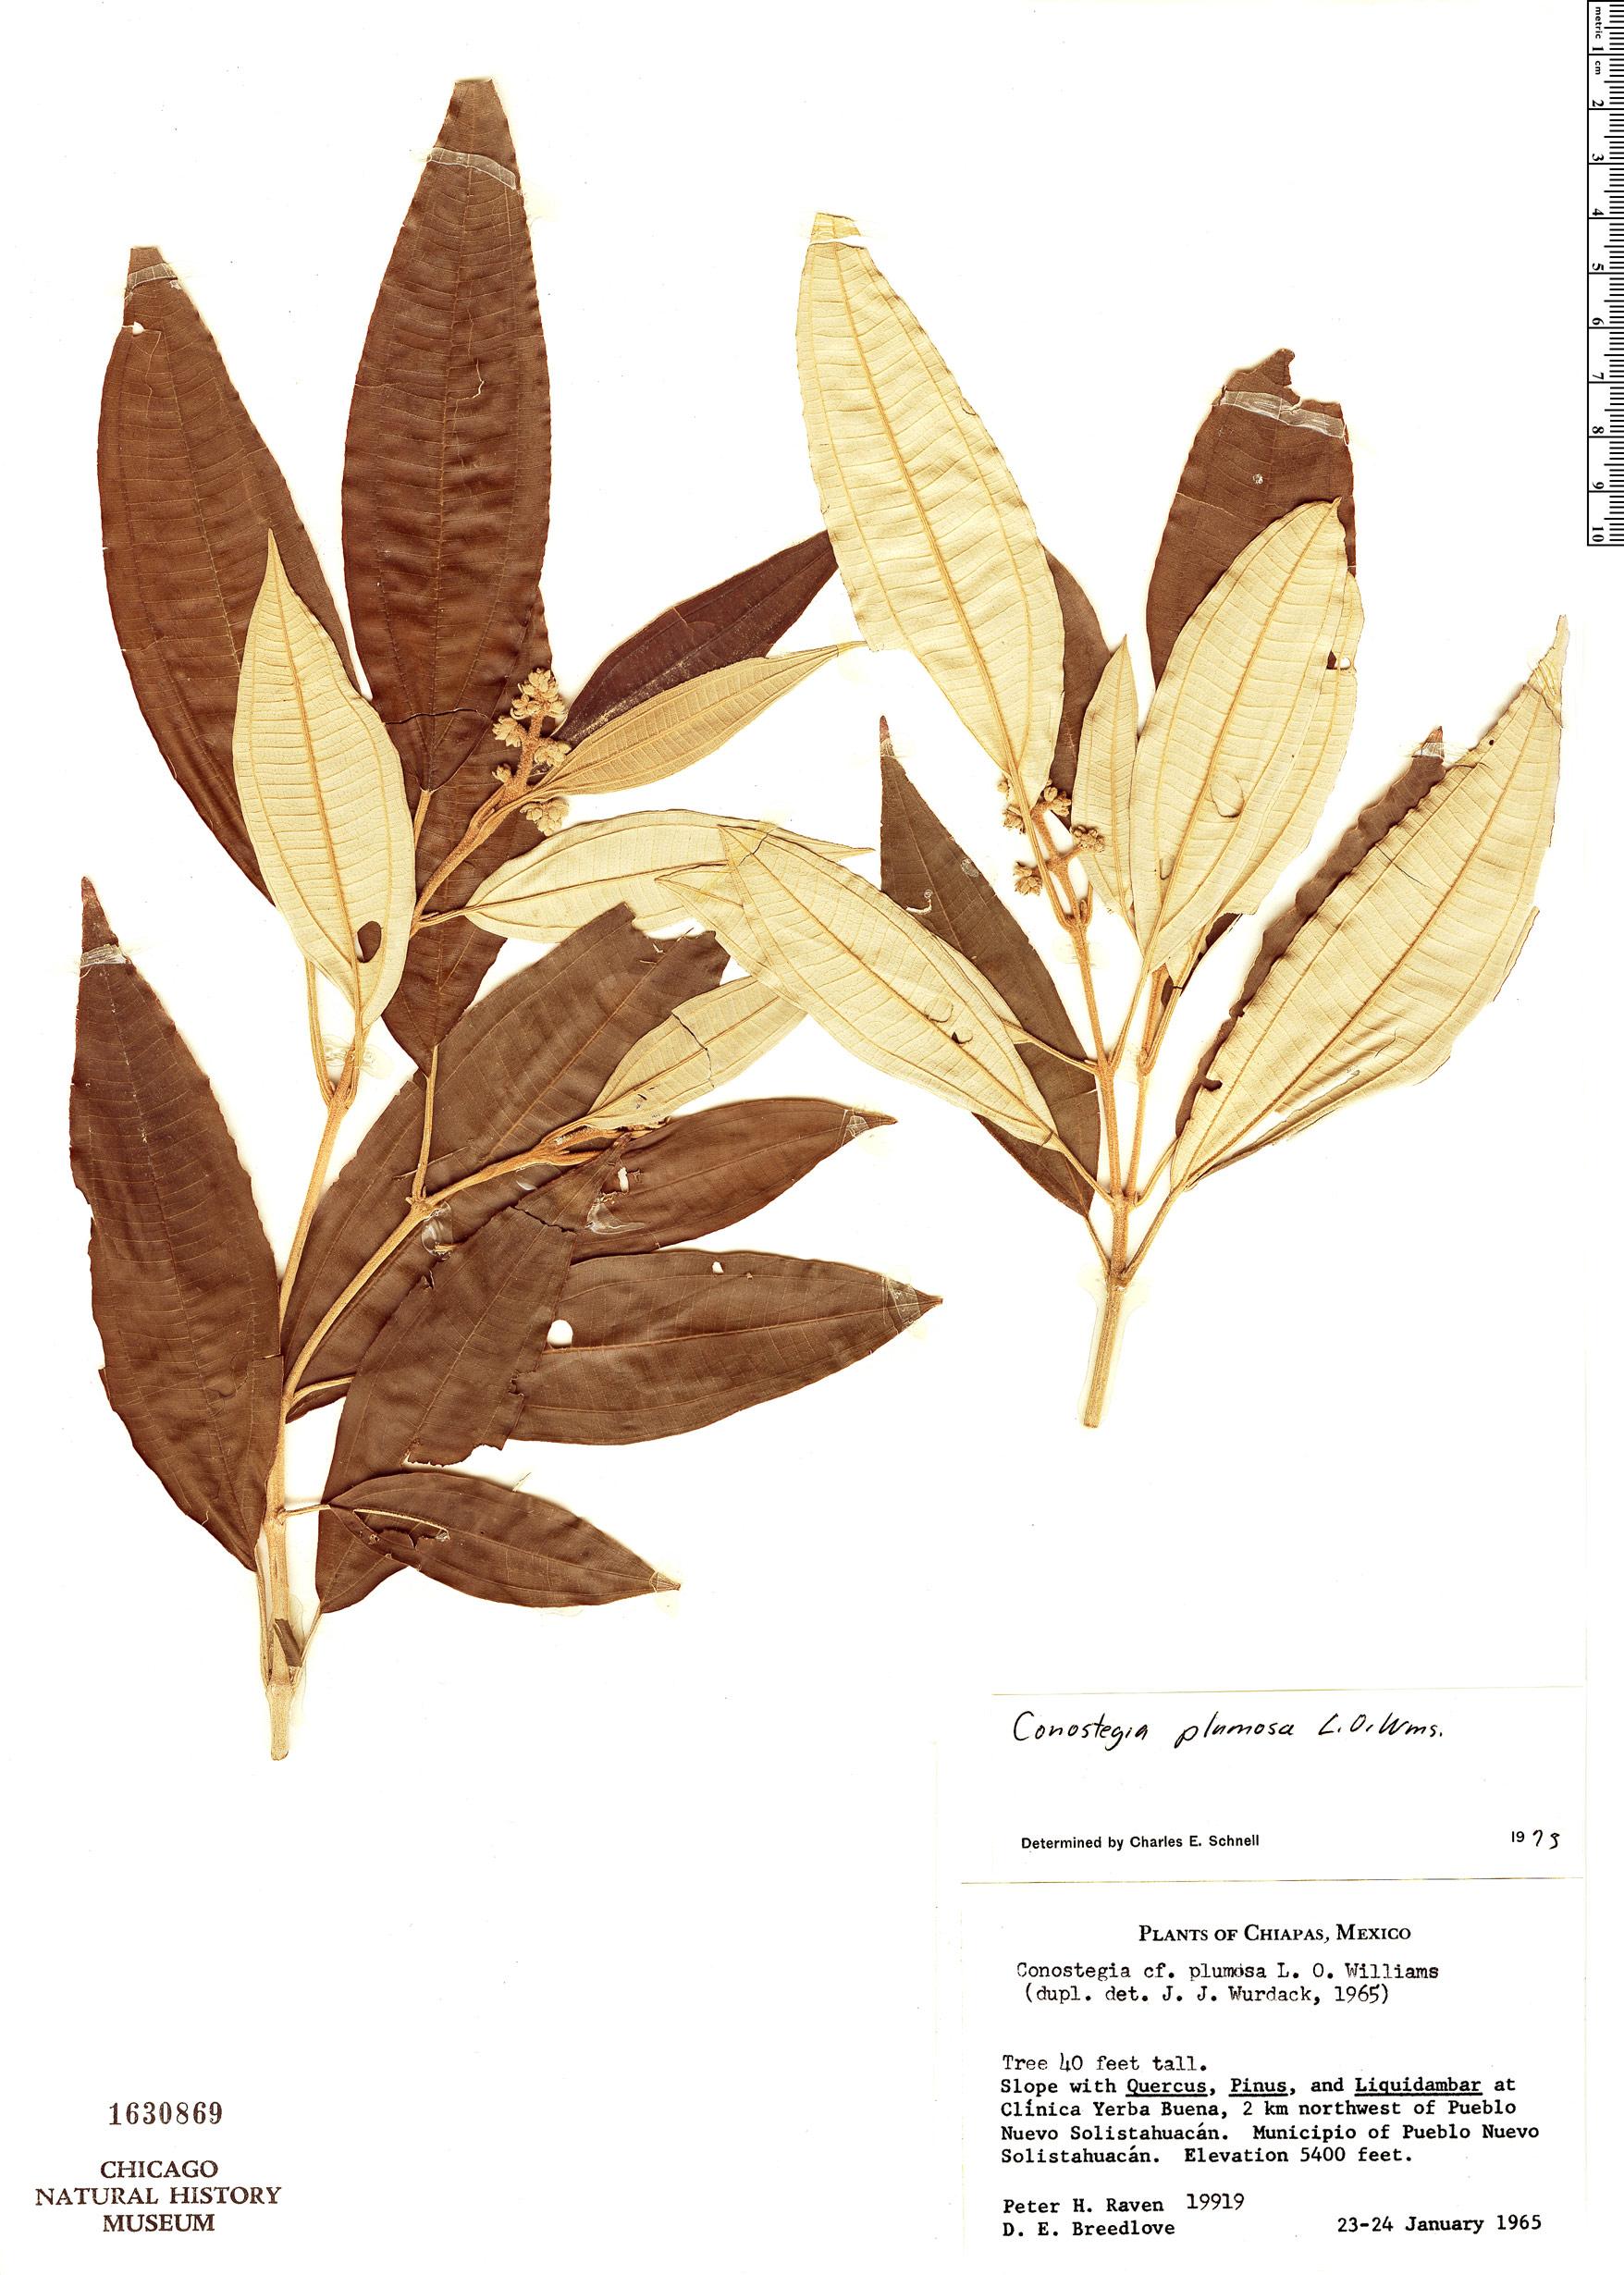 Specimen: Conostegia plumosa